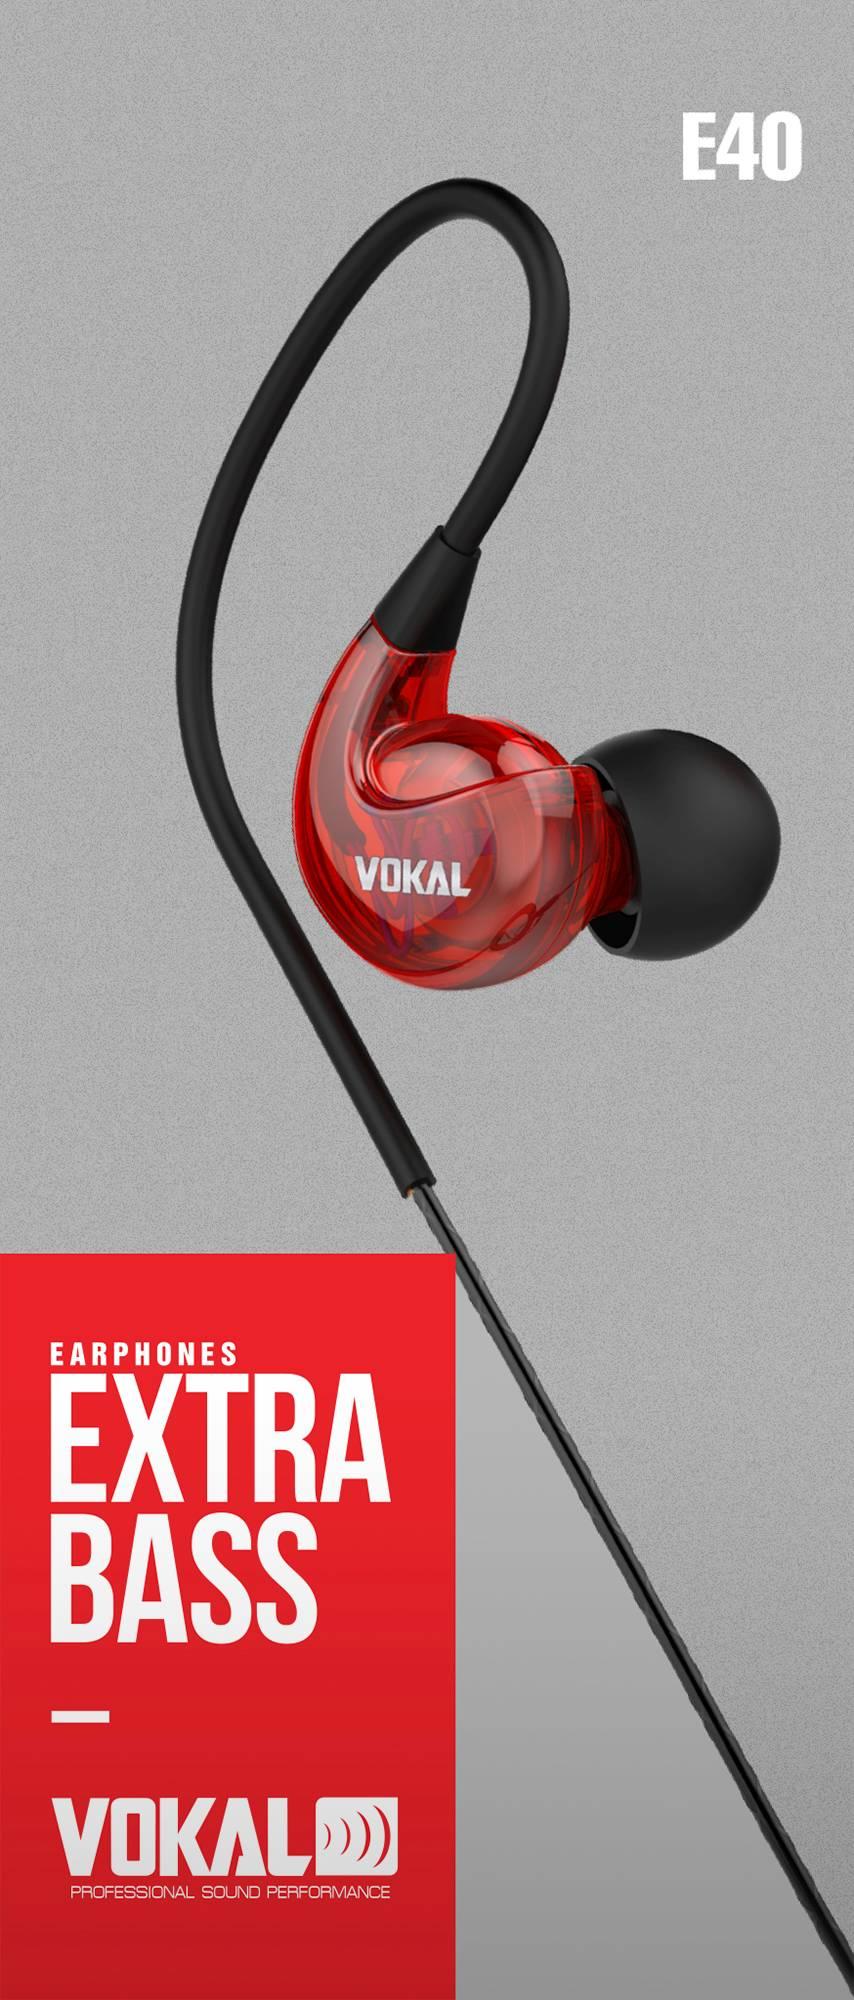 Fone de Ouvido Vokal E40 In Ear Vermelho